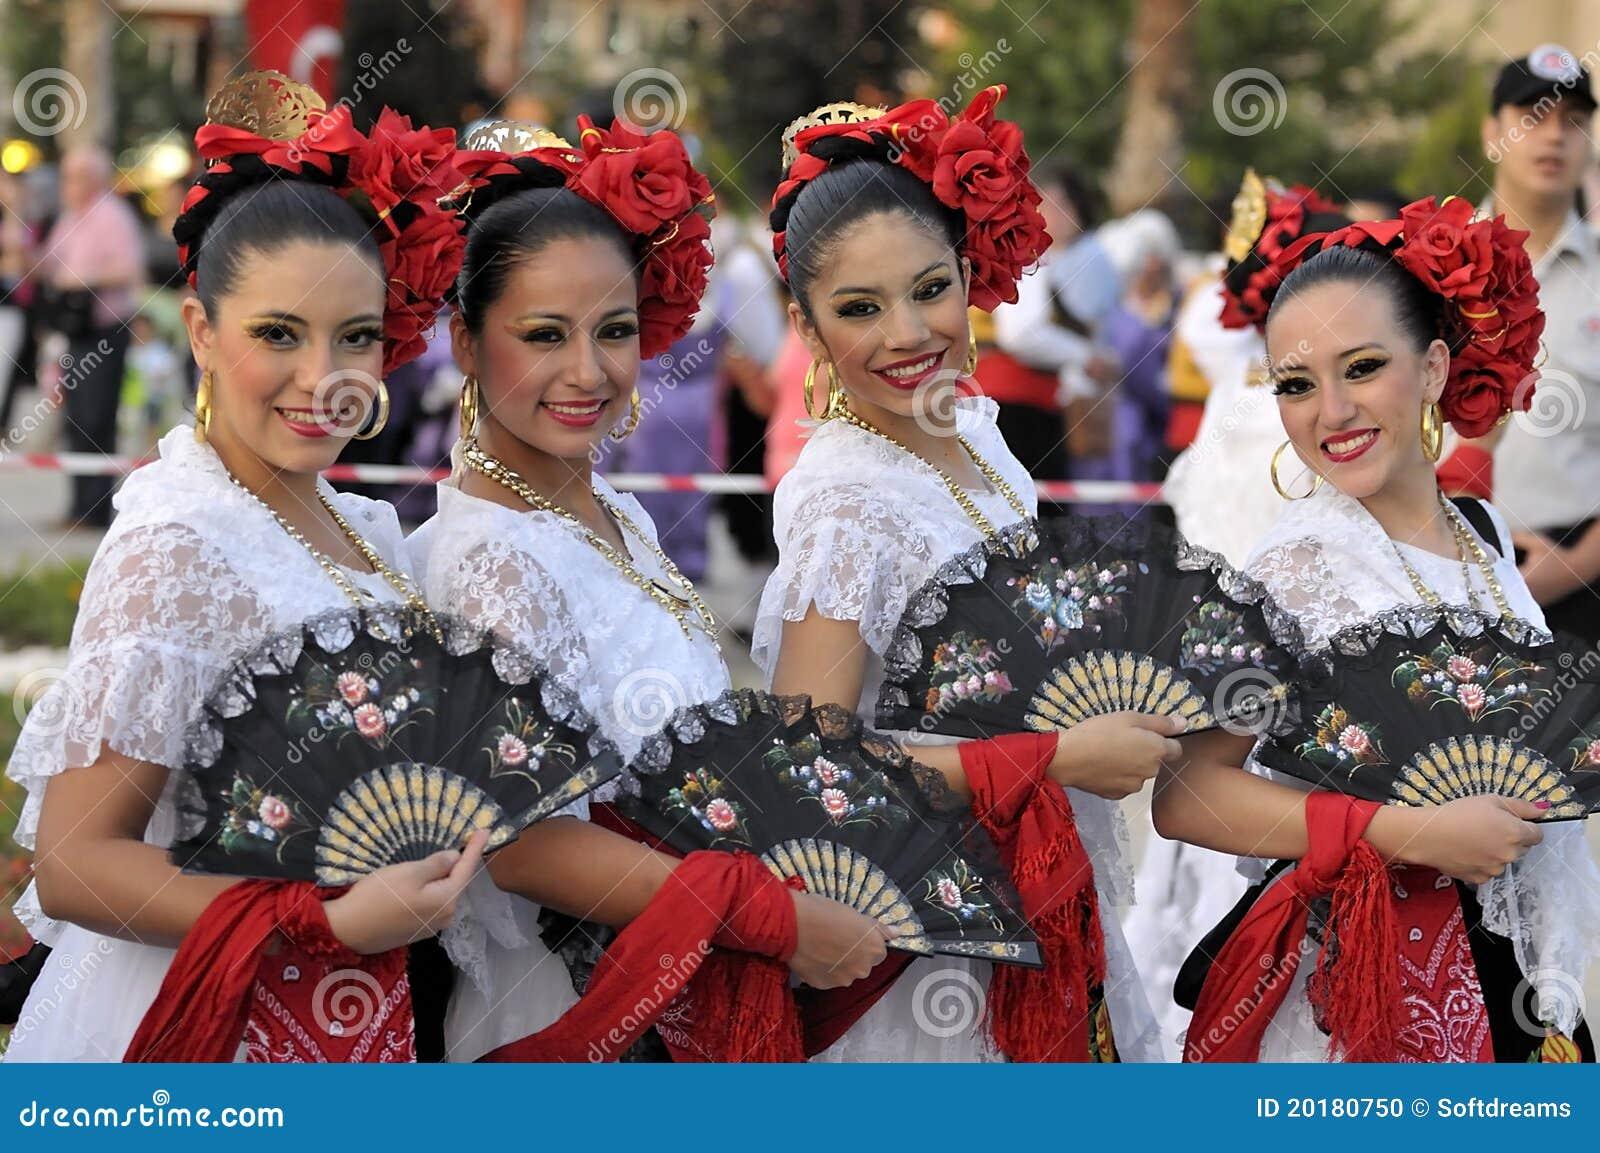 Señoras jovenes de México, bailarines del folklore